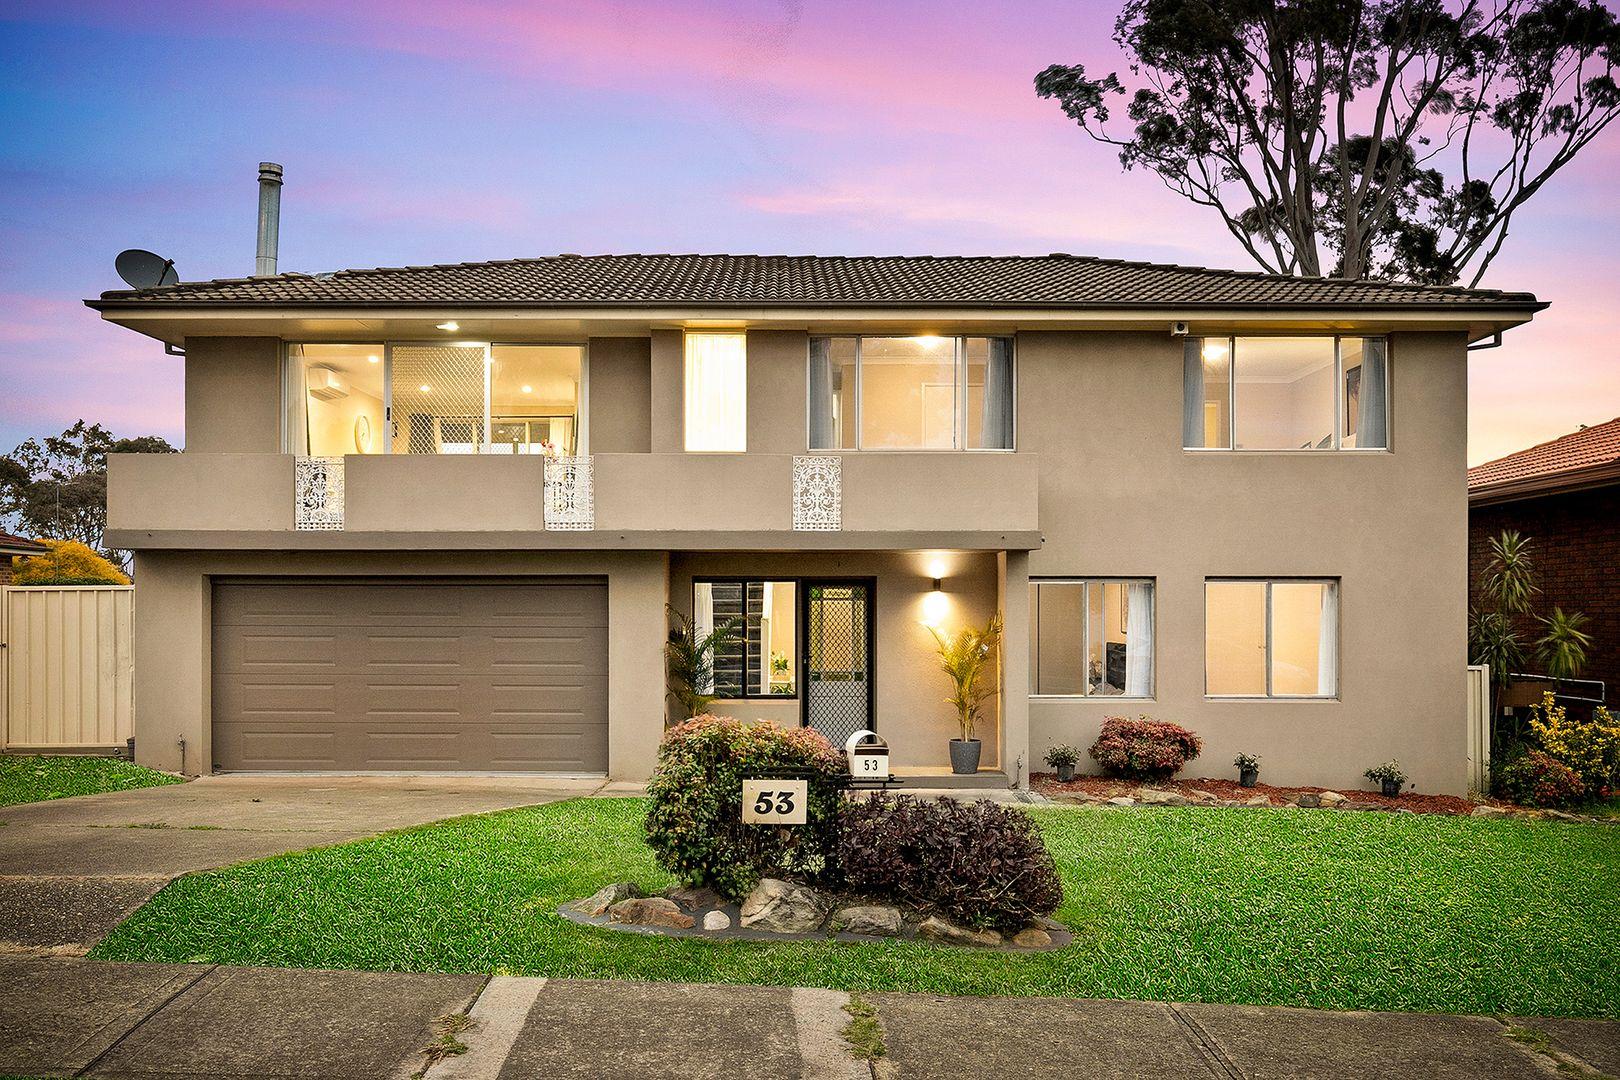 53 Joseph Banks Drive, Kings Langley NSW 2147, Image 0